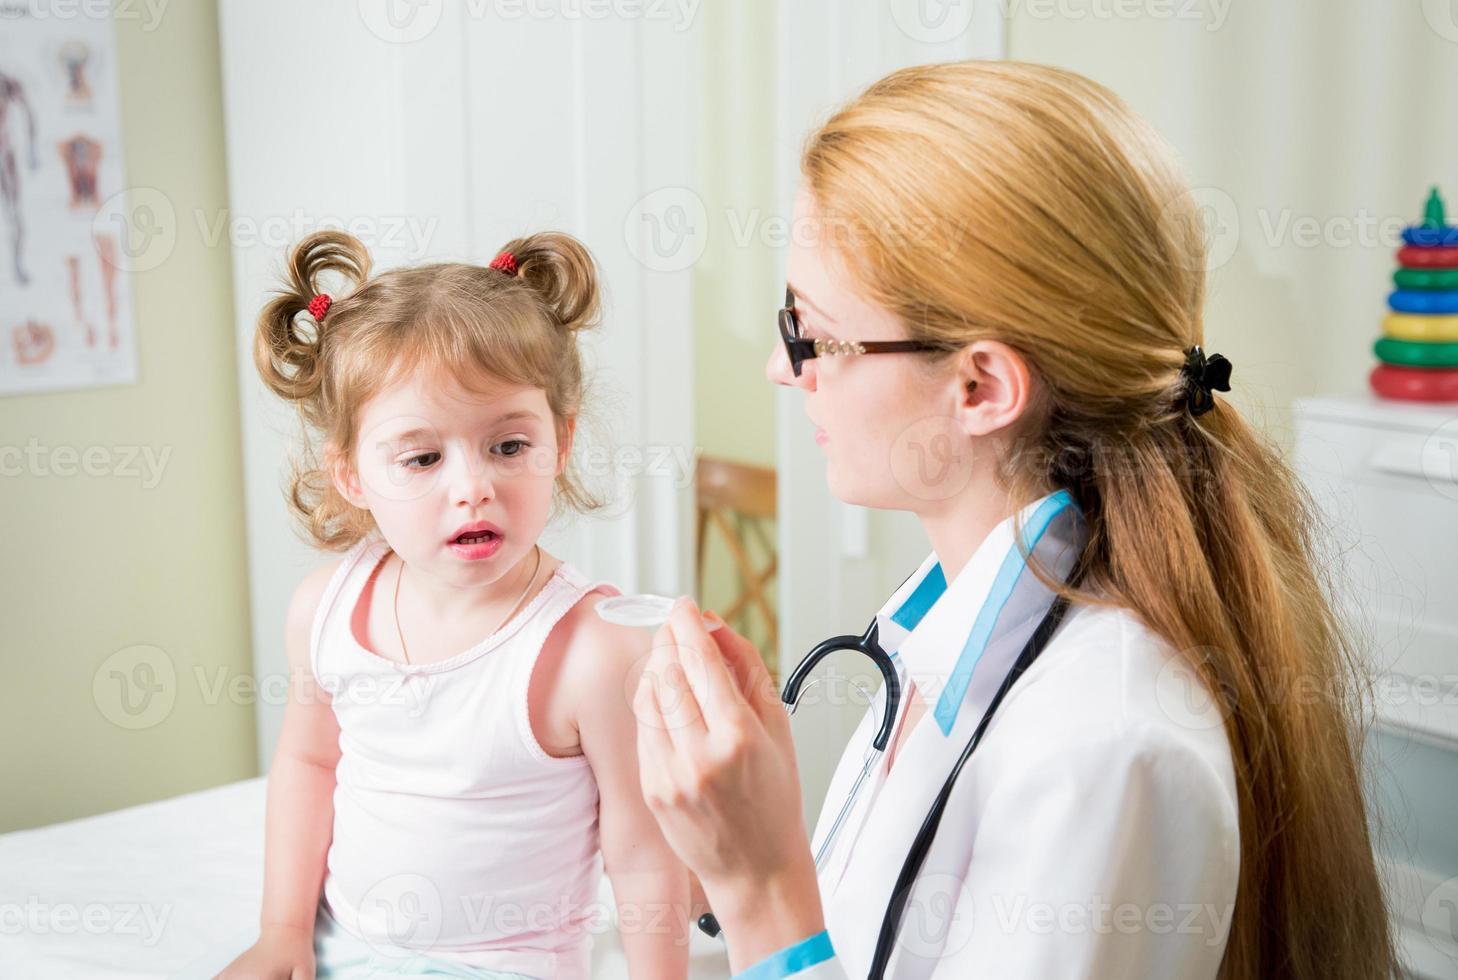 kinderarts die medicijn geeft aan meisje foto